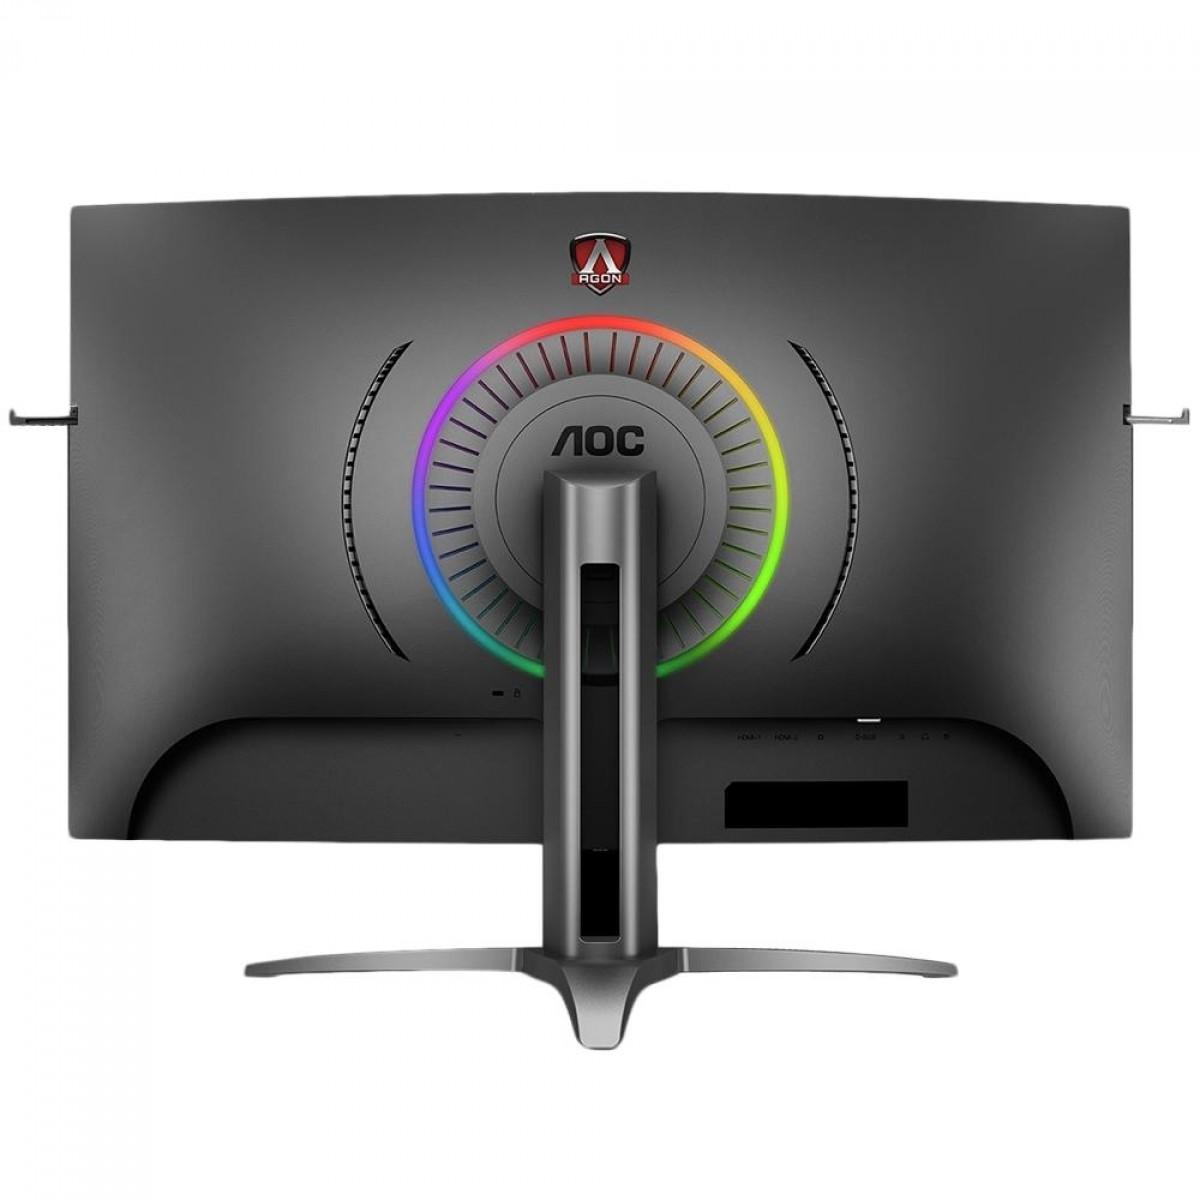 Monitor Gamer AOC, AGON, 31.5´, Widescreen Curvo, Full HD, RGB, HDMI, DisplayPort, FreeSync, 165Hz, 1ms - AG323FCXE